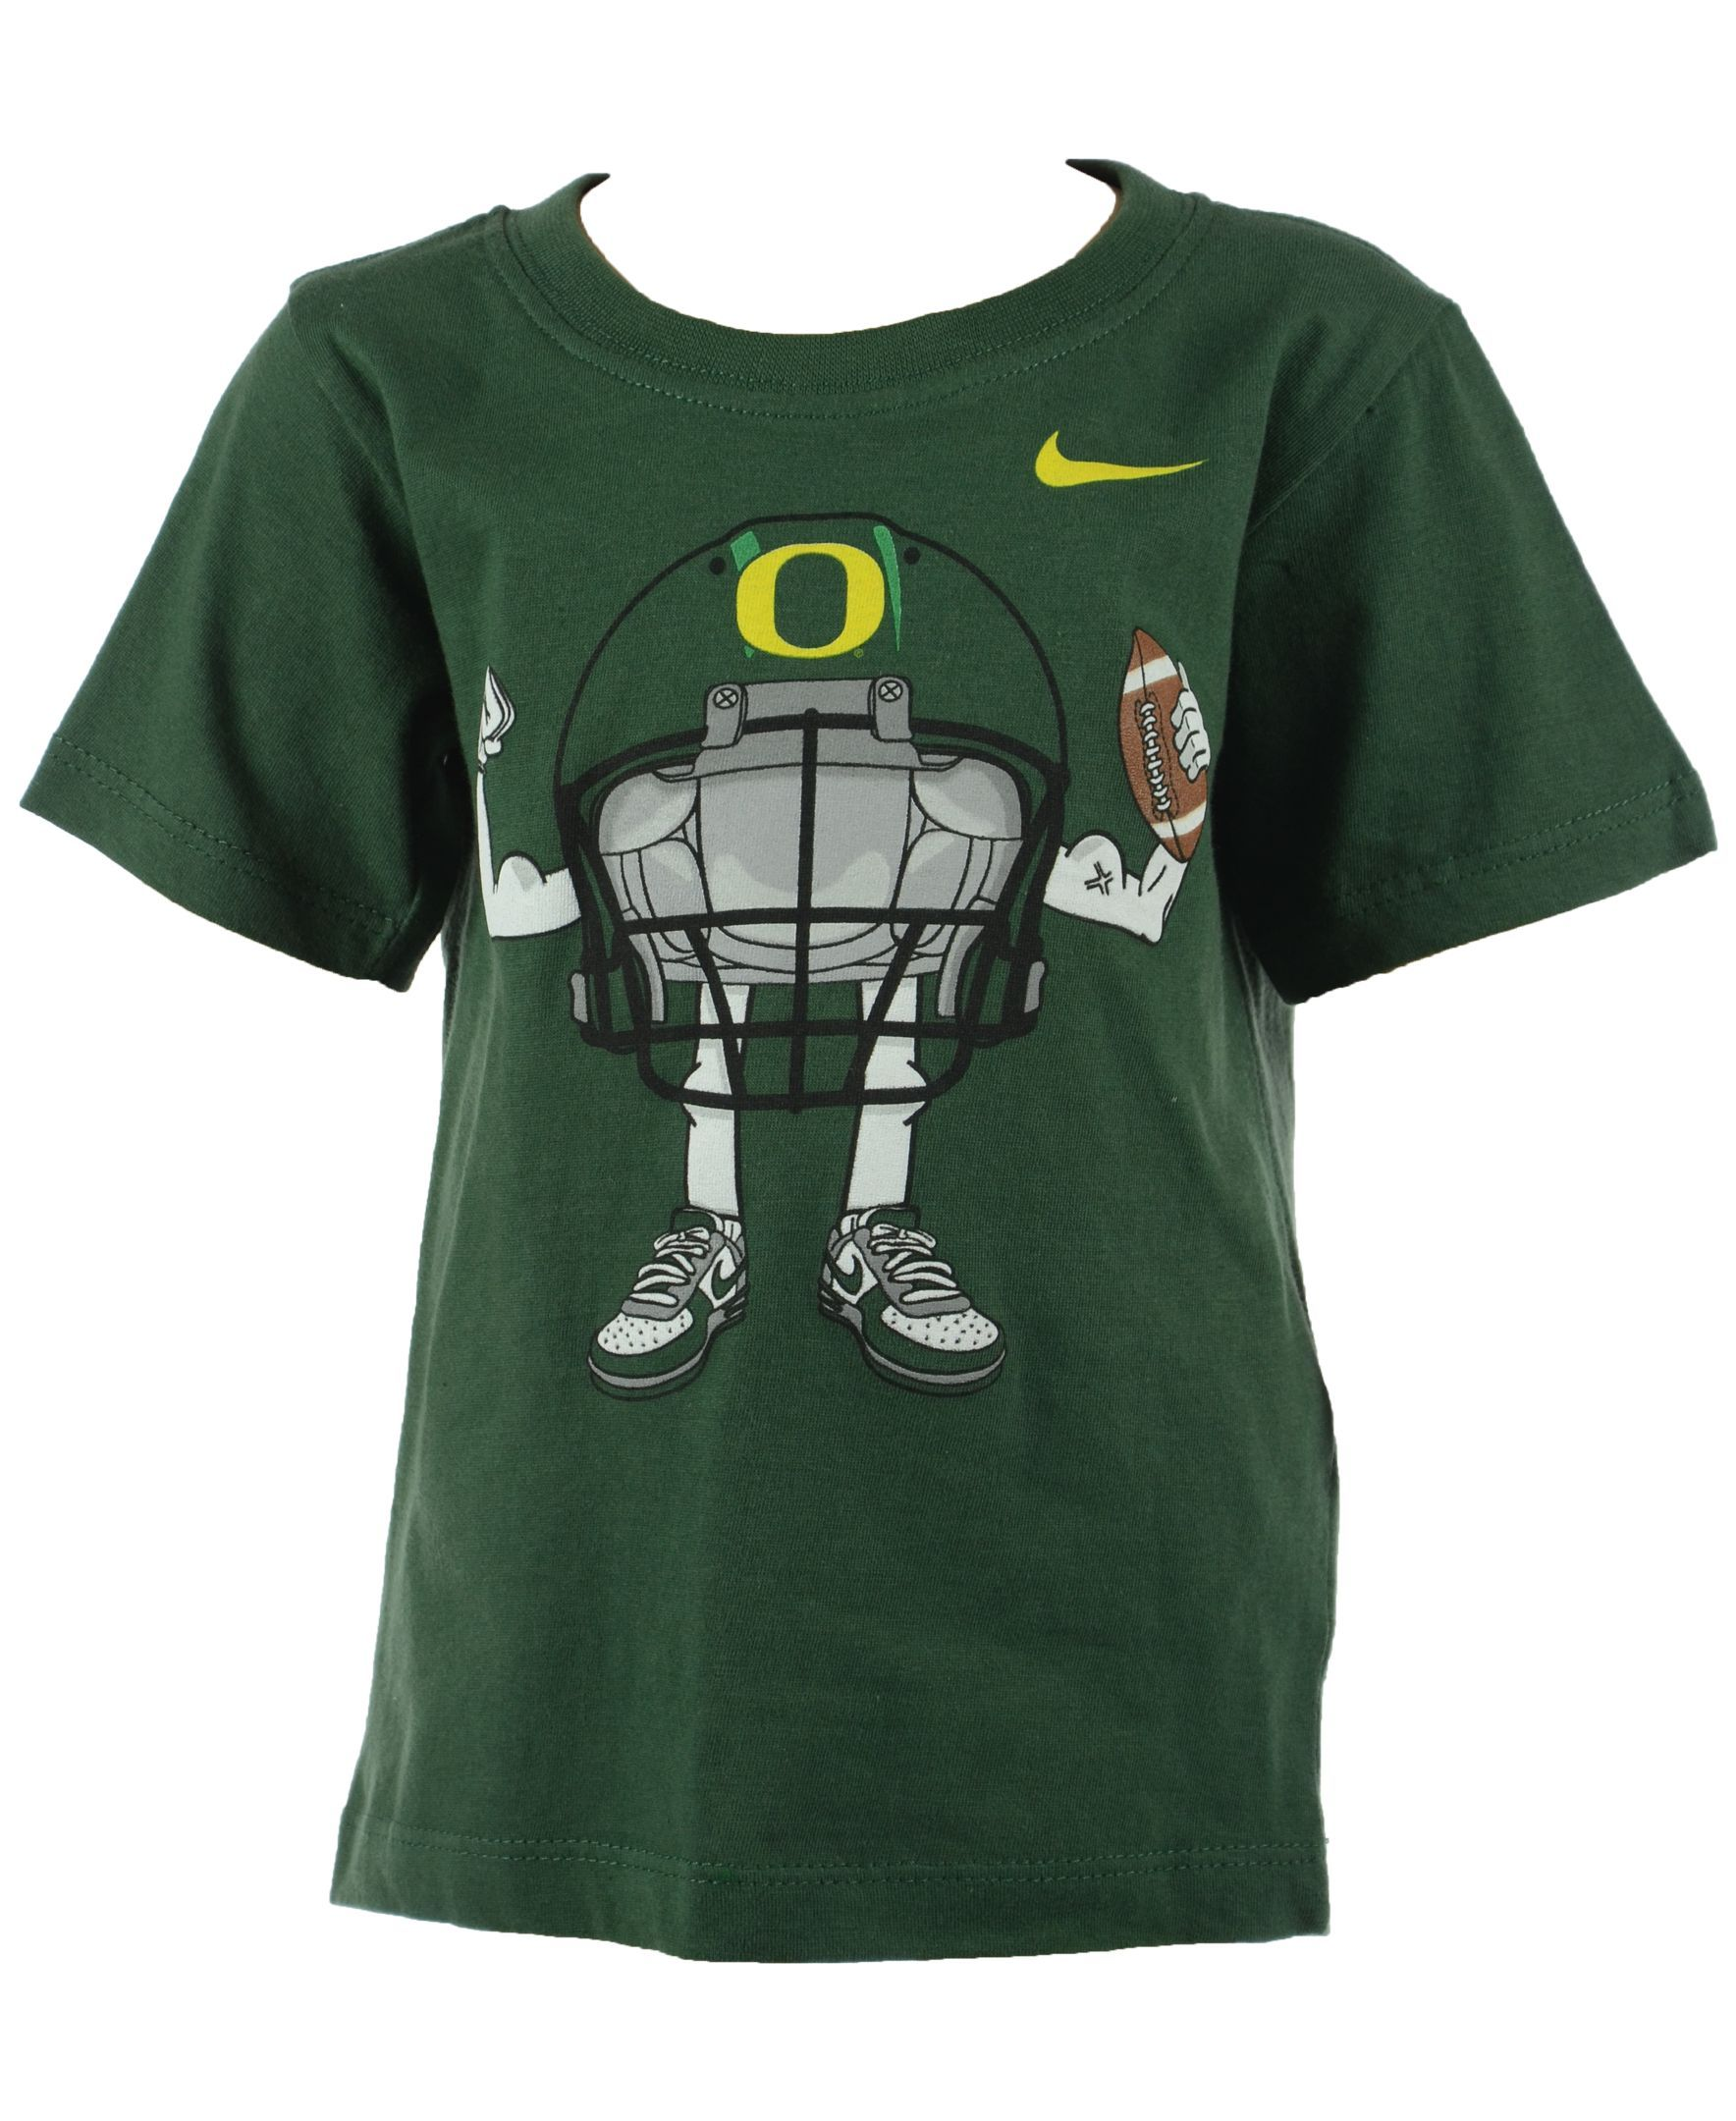 4ab70b39b739e Nike Babies  Oregon Ducks Helmet T-Shirt - Sports Fan Shop By Lids - Men -  Macy s